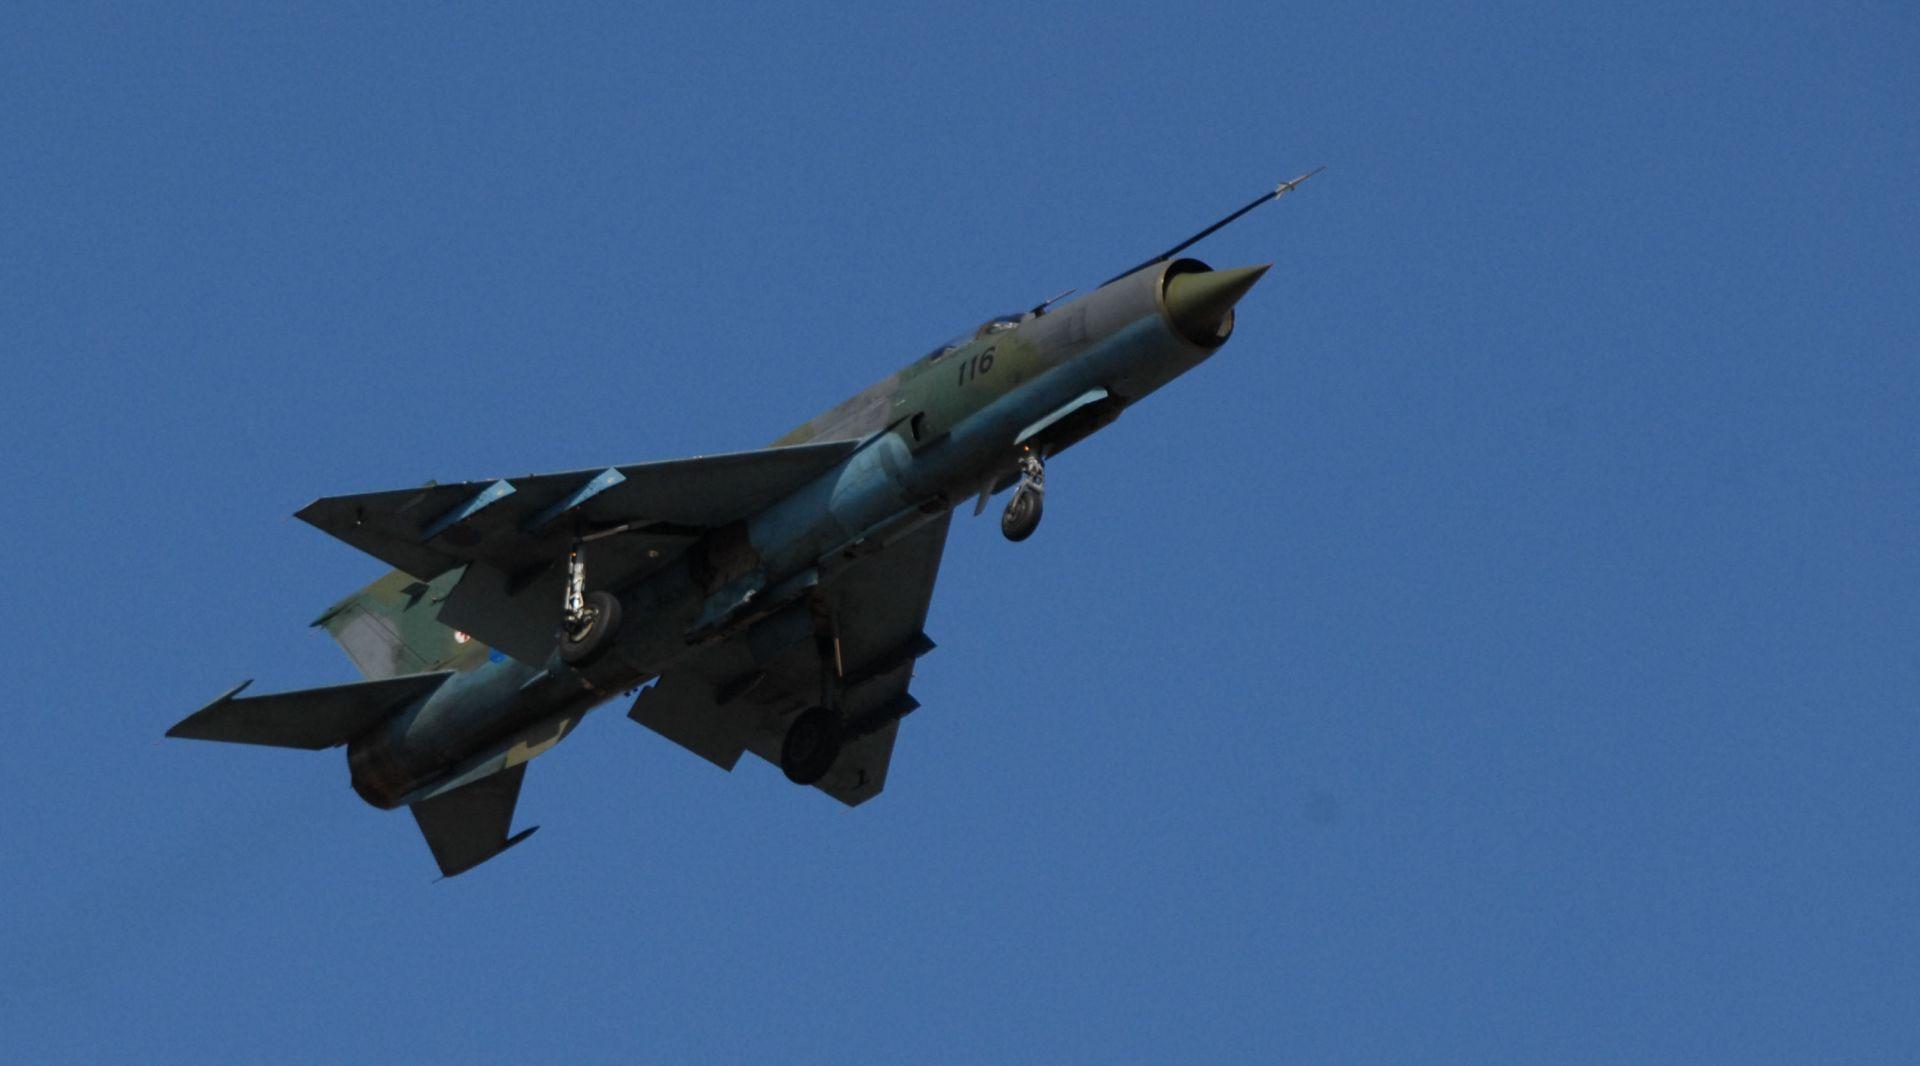 LAŽNA UZBUNA: Hrvatski MiG-ovi presreli zrakoplov zbog dojave o bombi